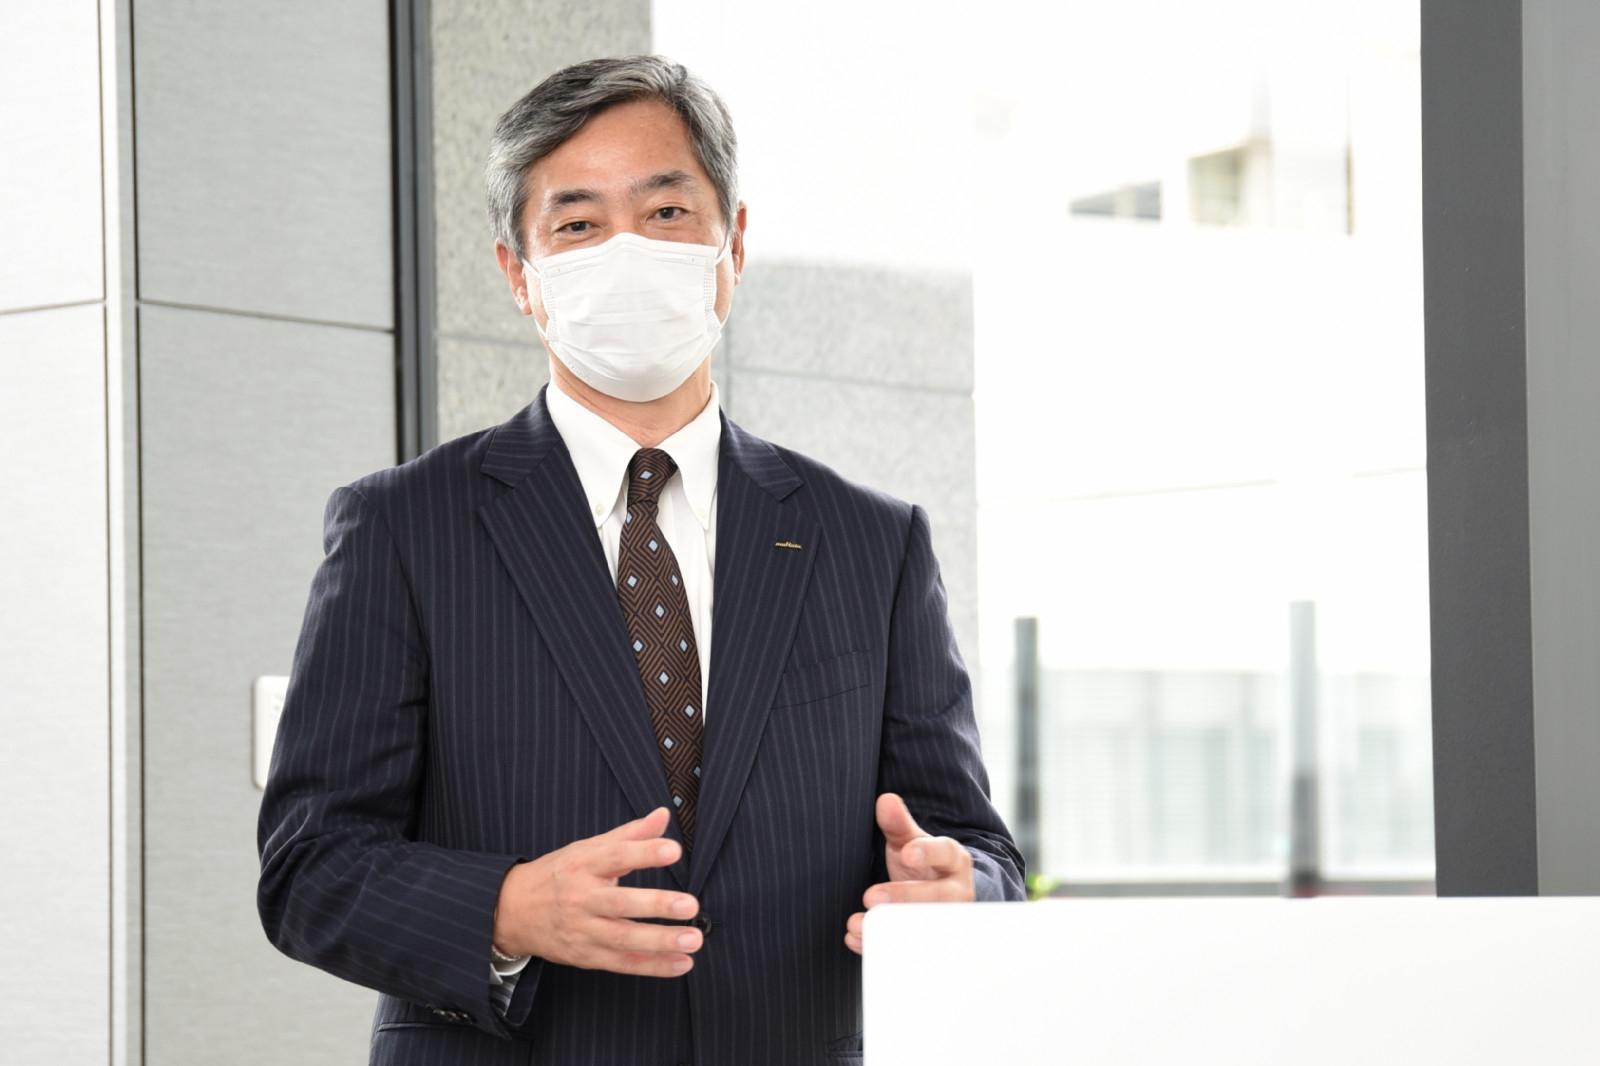 図4 みなとみらいイノベーションセンターの事業所長を務める村田製作所の川平博一氏 21年7月14日に開いた施設内覧会で拠点開設の狙いなどを説明した。(撮影:日経Automotive)